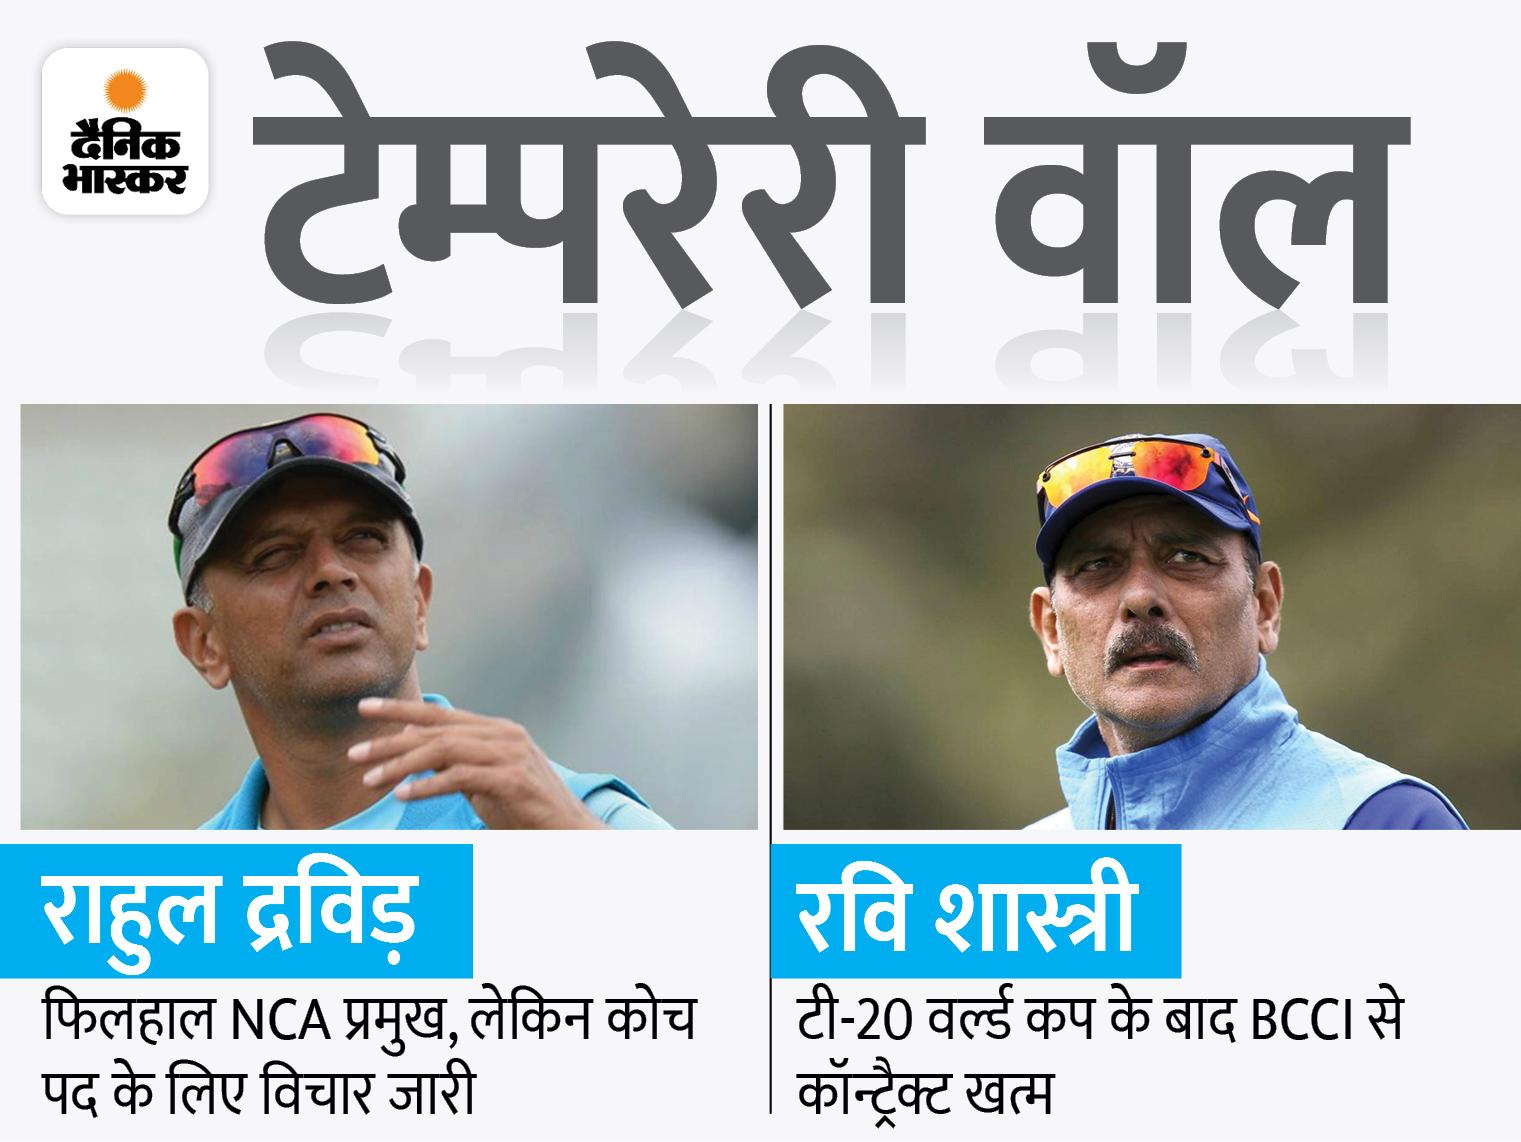 शास्त्री अपना कॉन्ट्रैक्ट बढ़ाना नहीं चाहते, द्रविड़ के सवाल पर गांगुली बोले- उनसे बात तो नहीं की, पर शायद वे परमानेंट कोच बनना नहीं चाहते|क्रिकेट,Cricket - Dainik Bhaskar